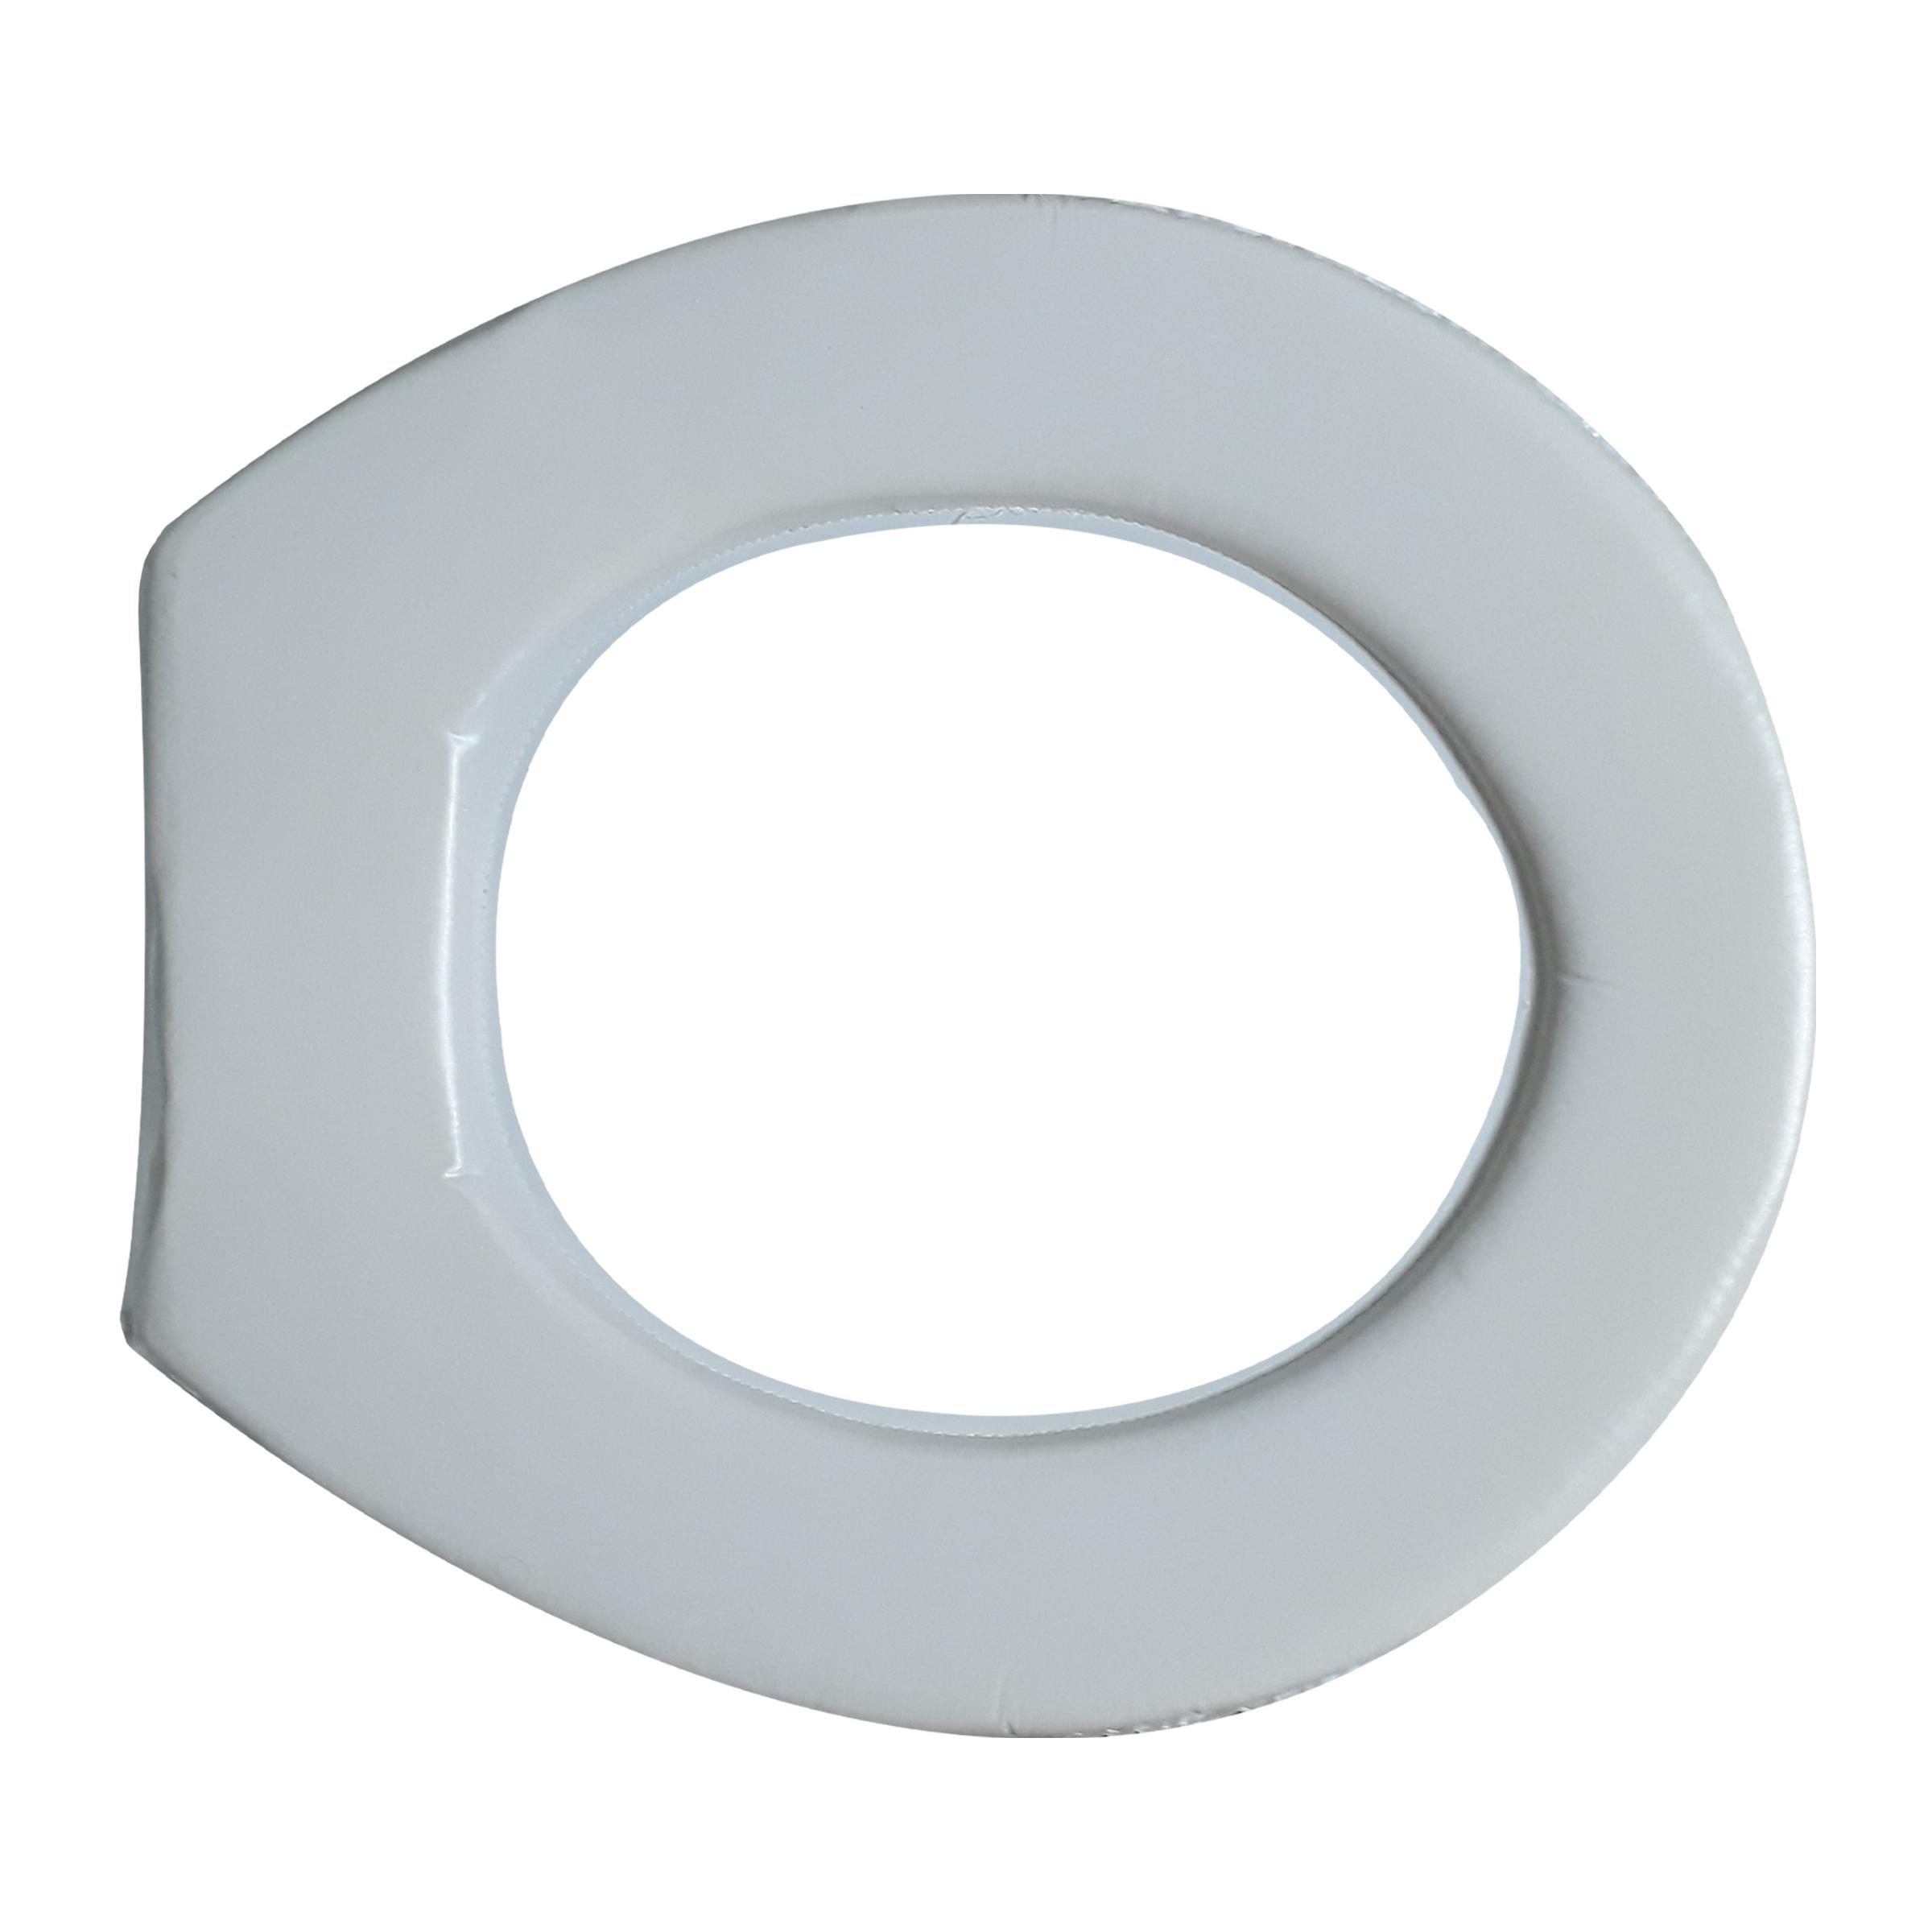 روکش توالت فرنگی مدل 112